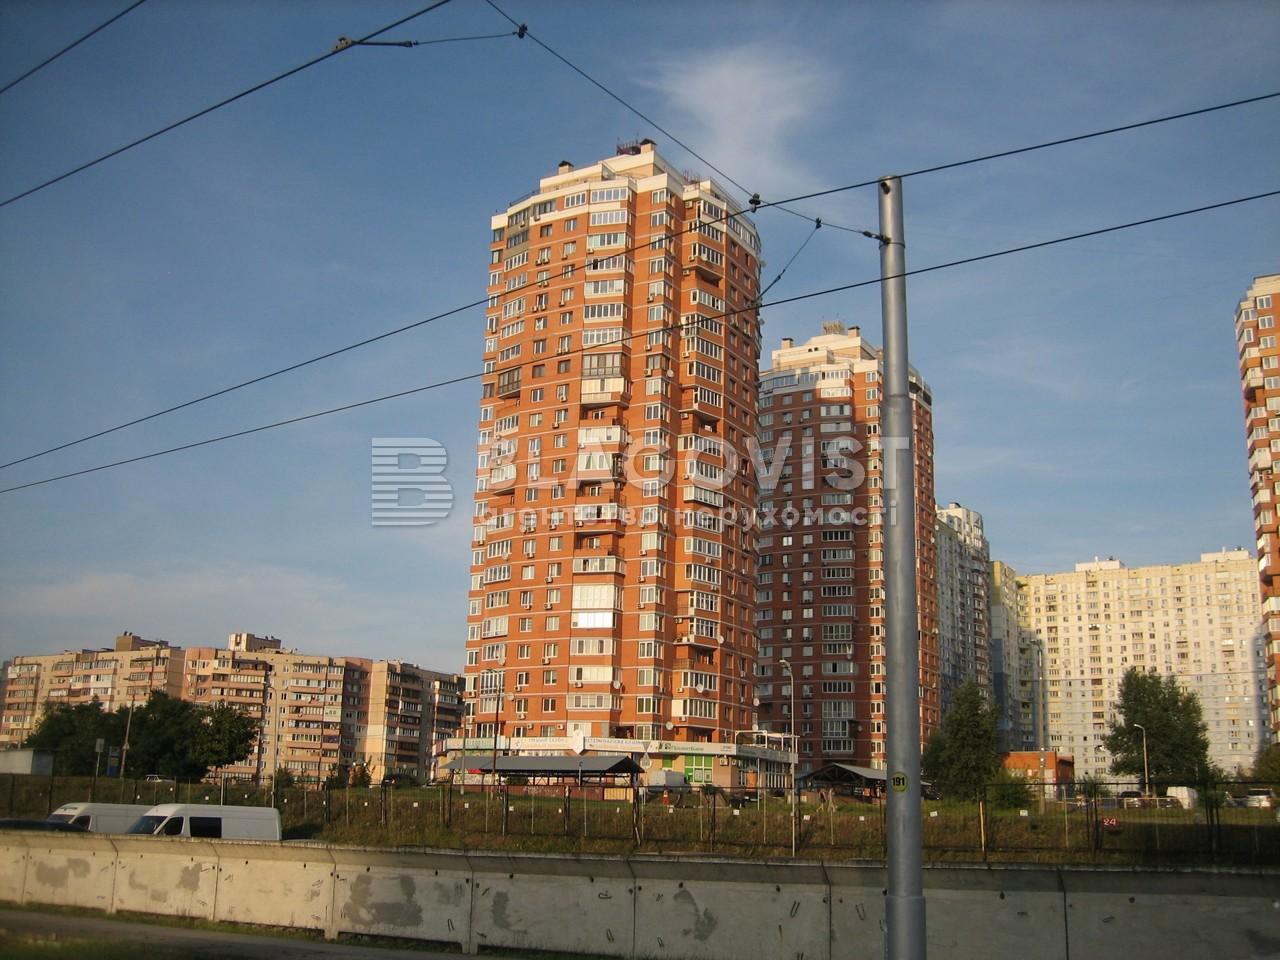 Квартира C-104124, Цветаевой Марины, 13, Киев - Фото 1